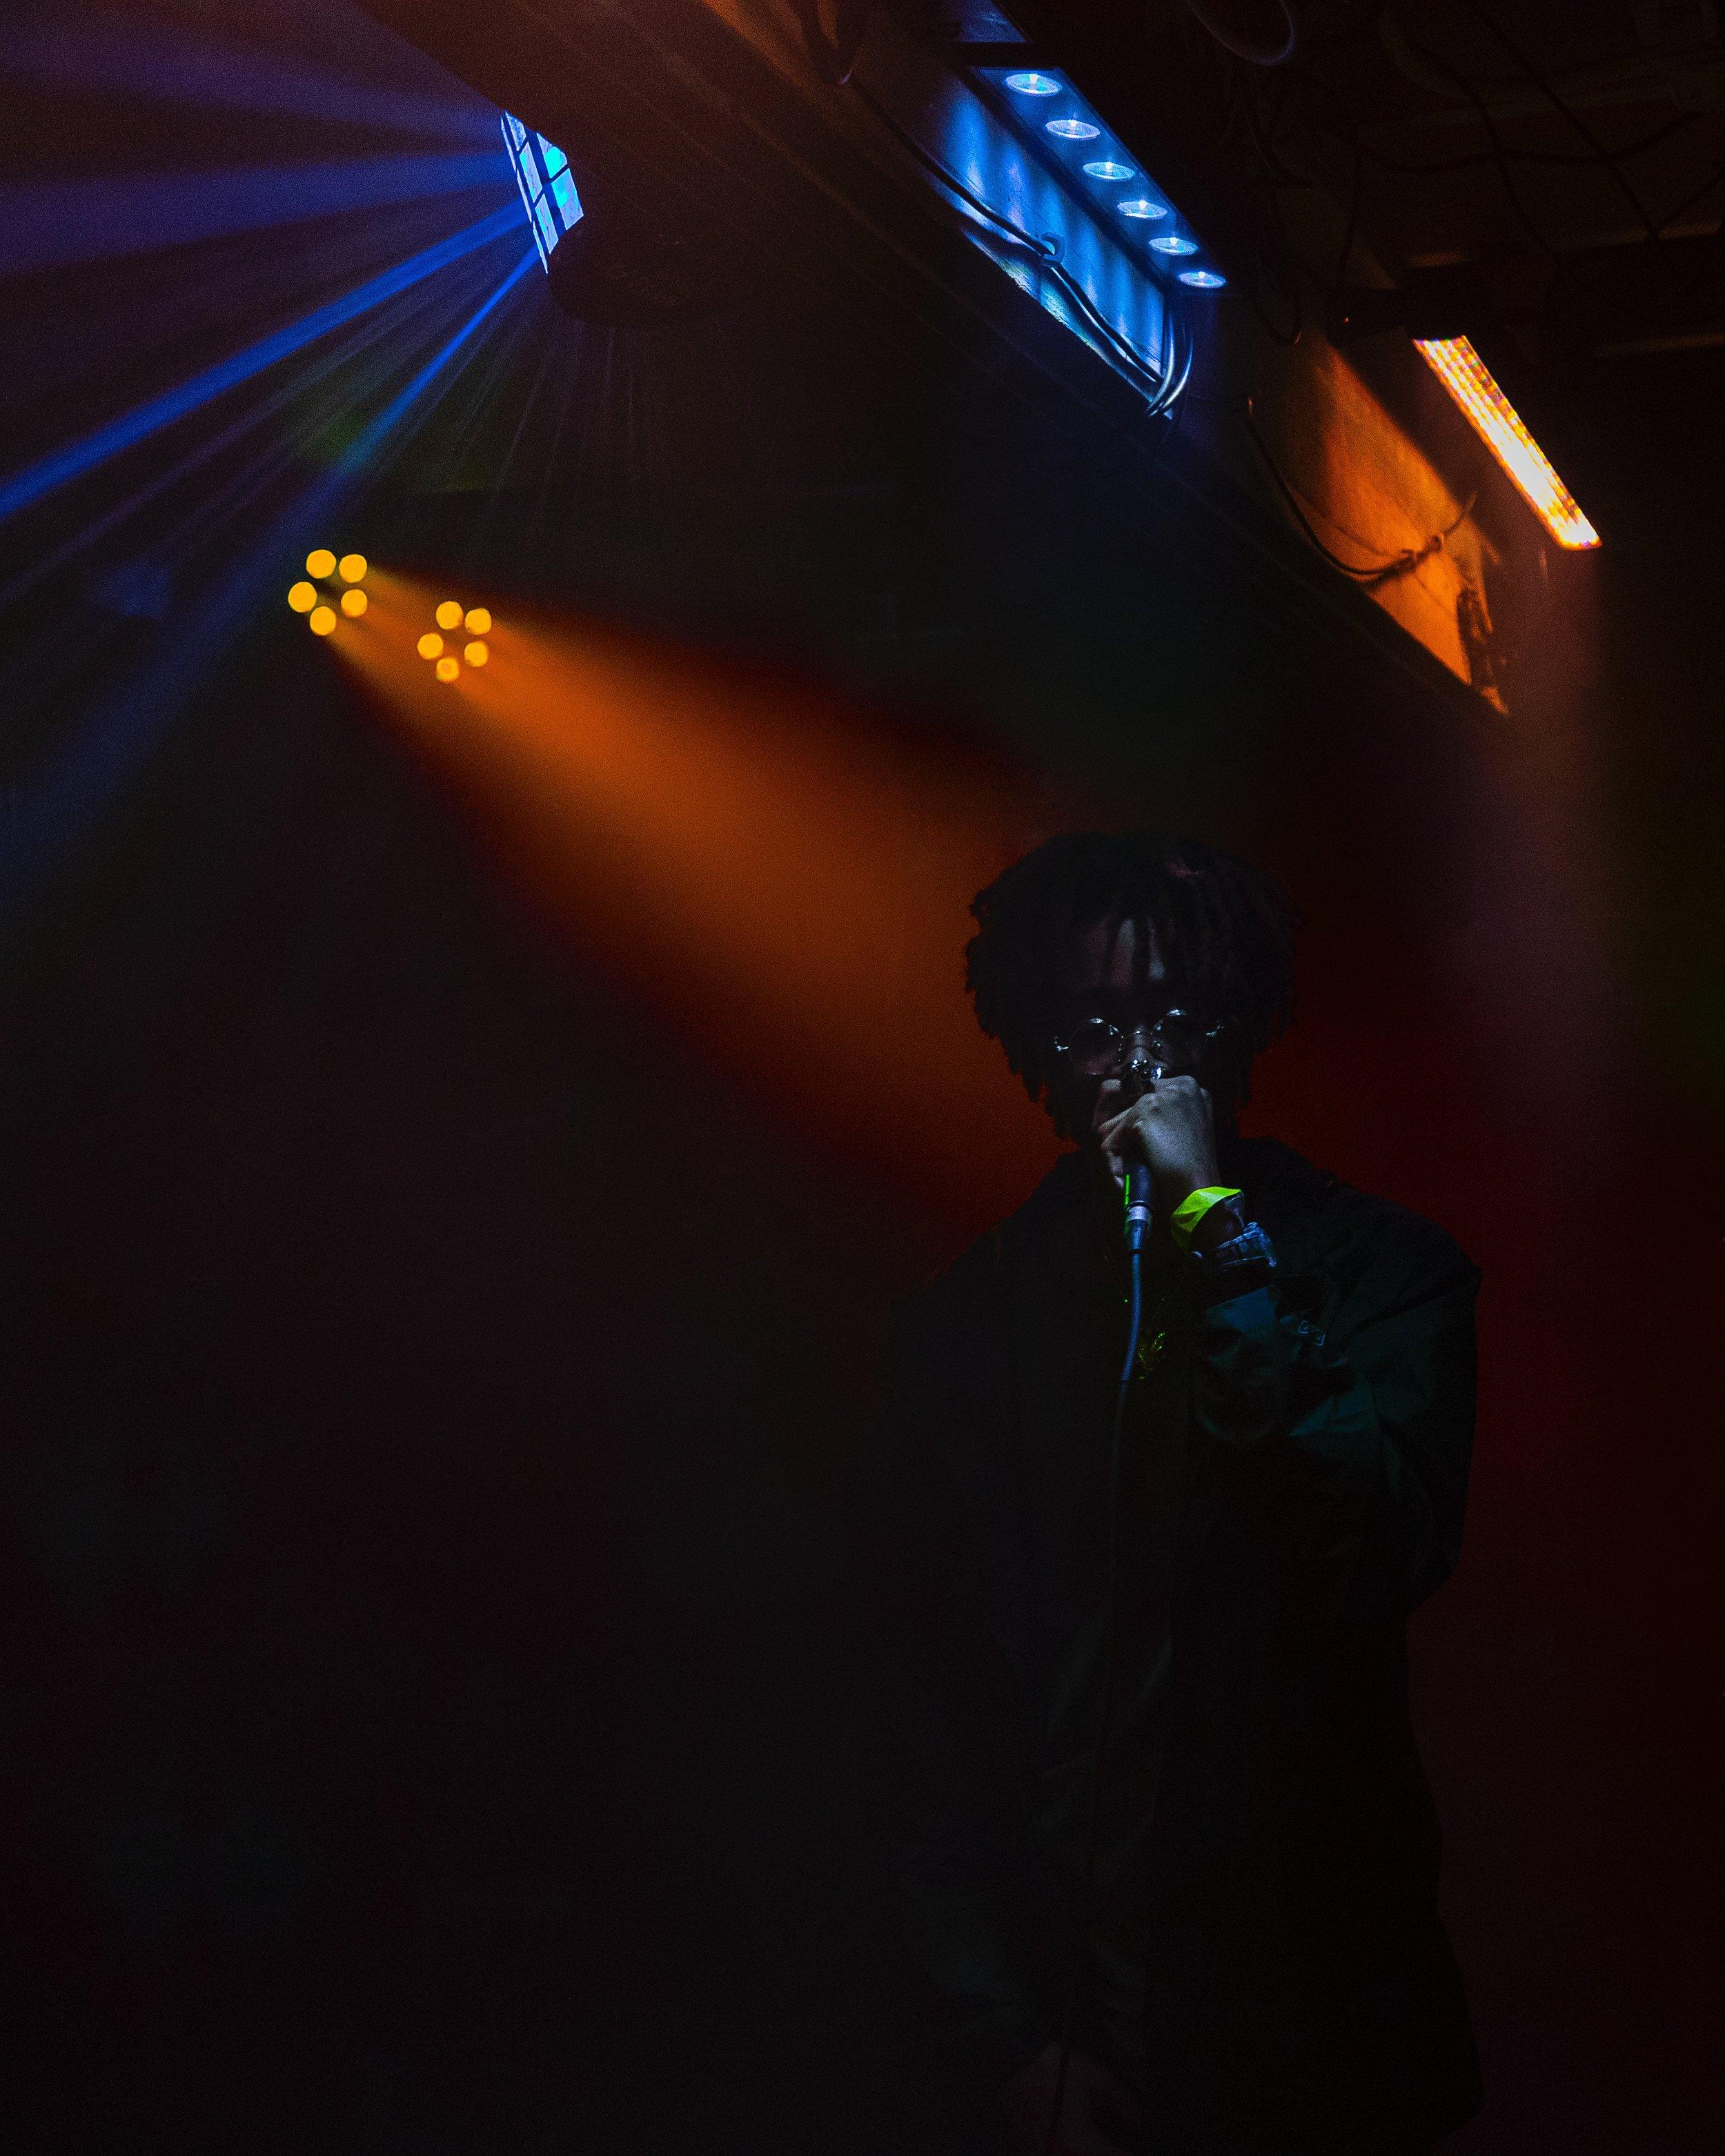 Sunnyvale Brooklyn 02 - Jimmy Larkin